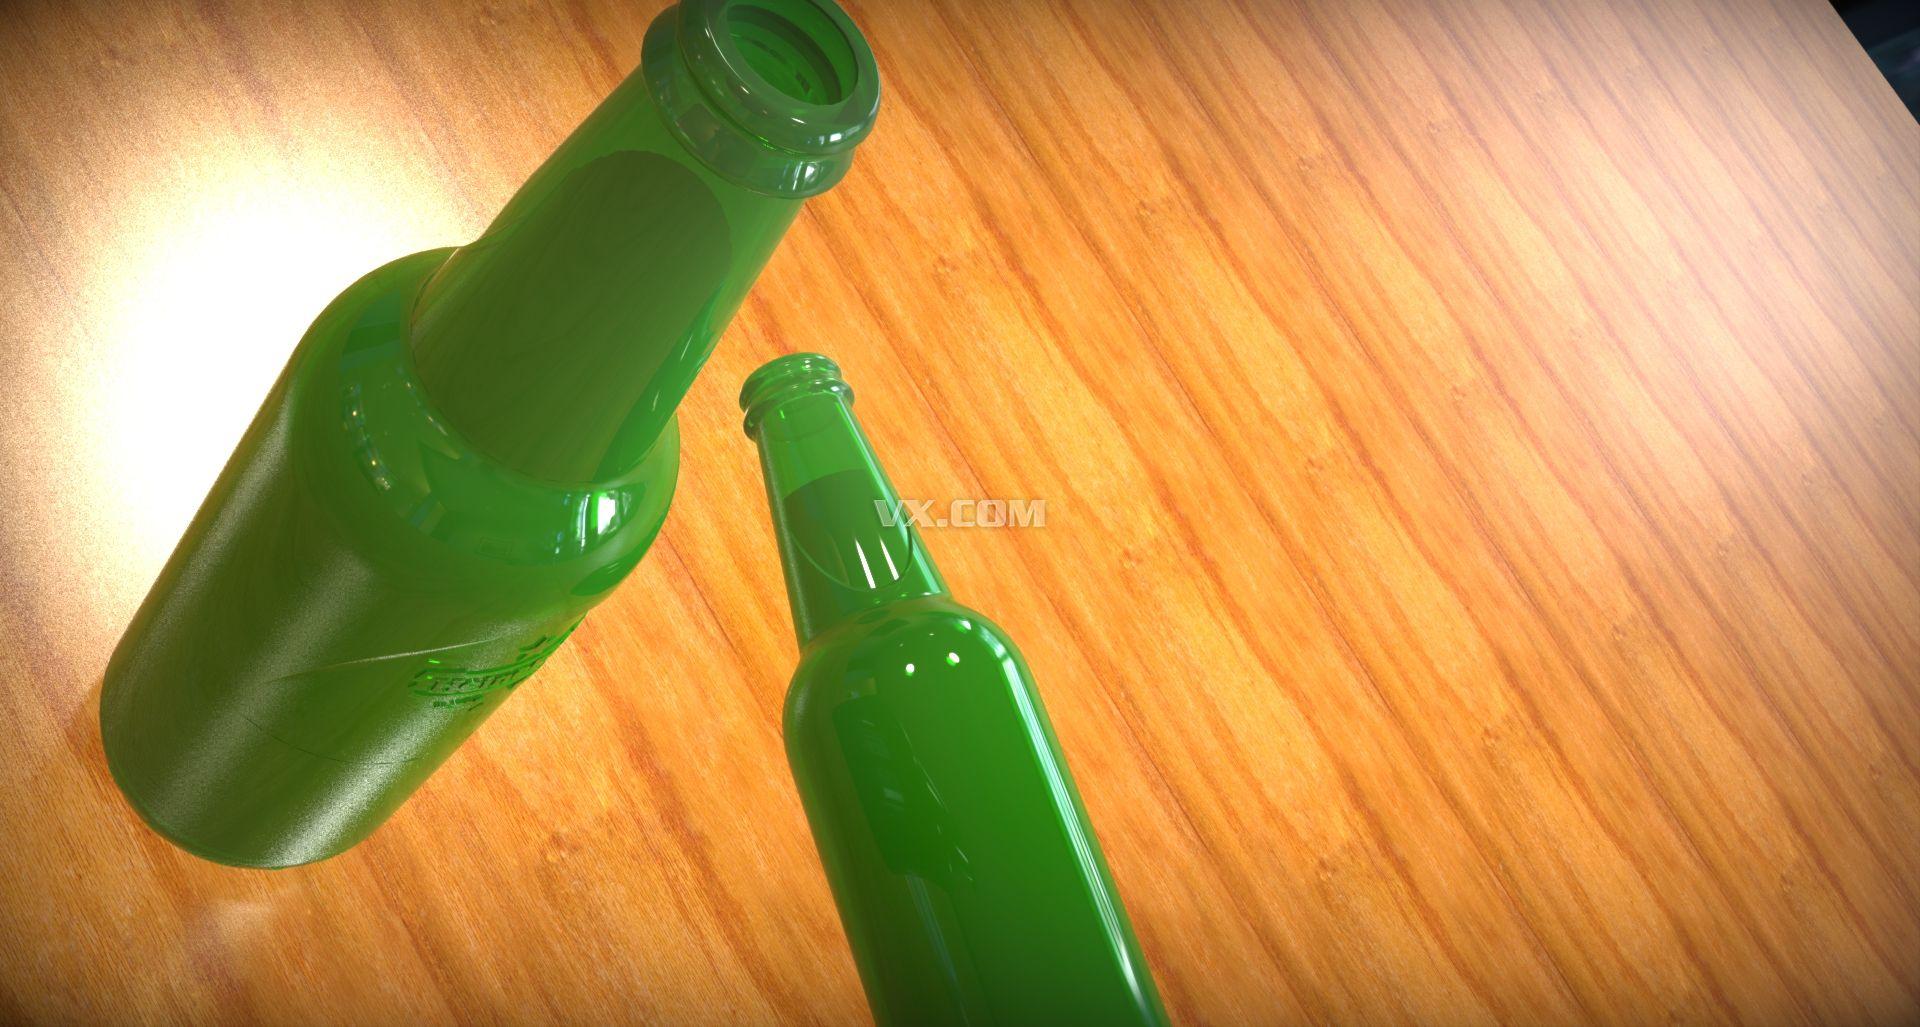 創意啤酒瓶設計